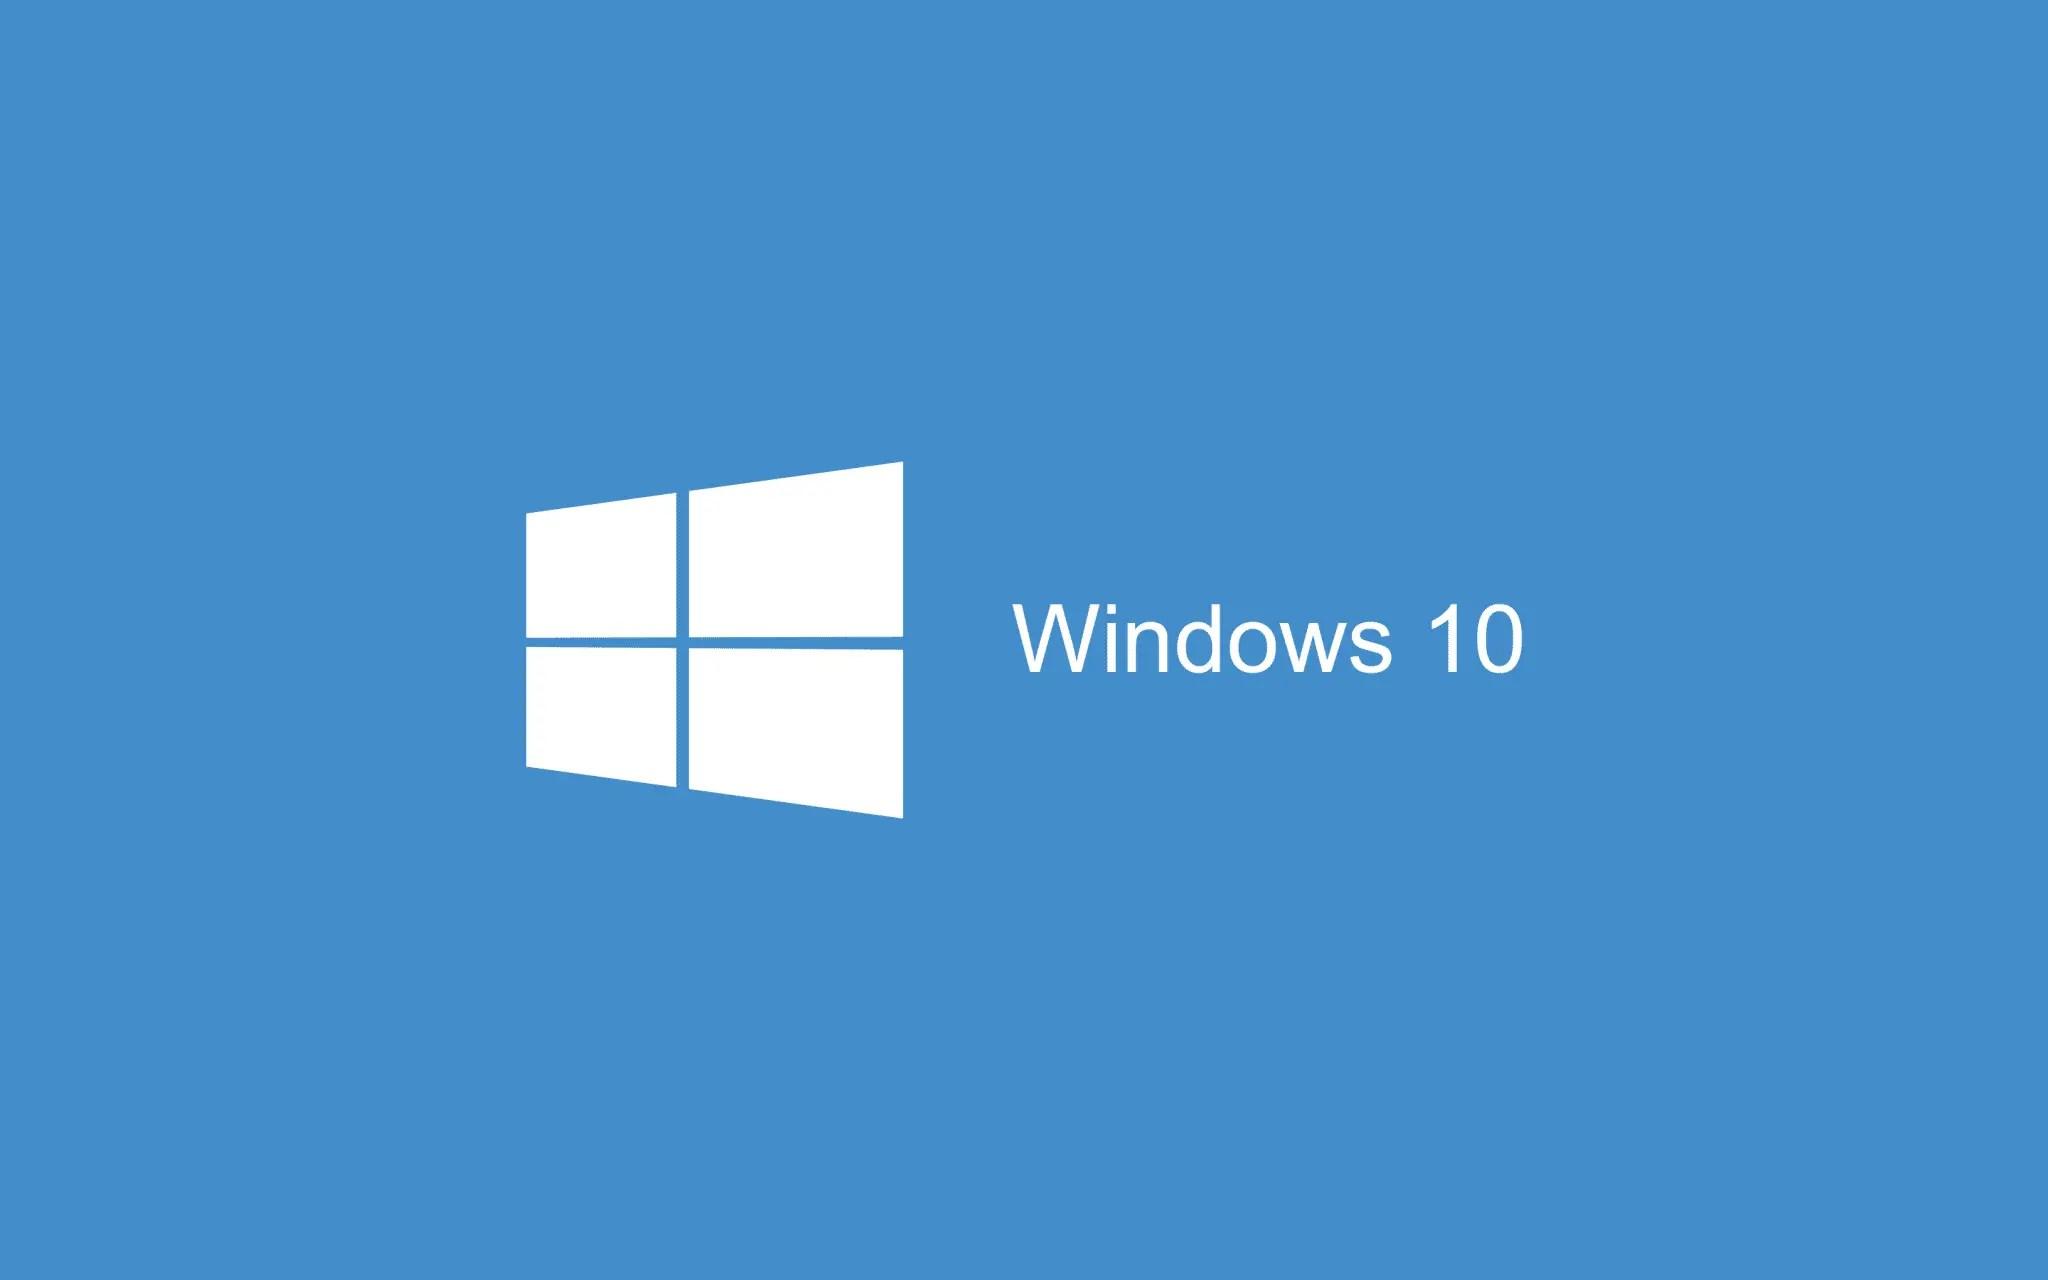 dull blue Wallpaper Windows 10 HD 2880x1800